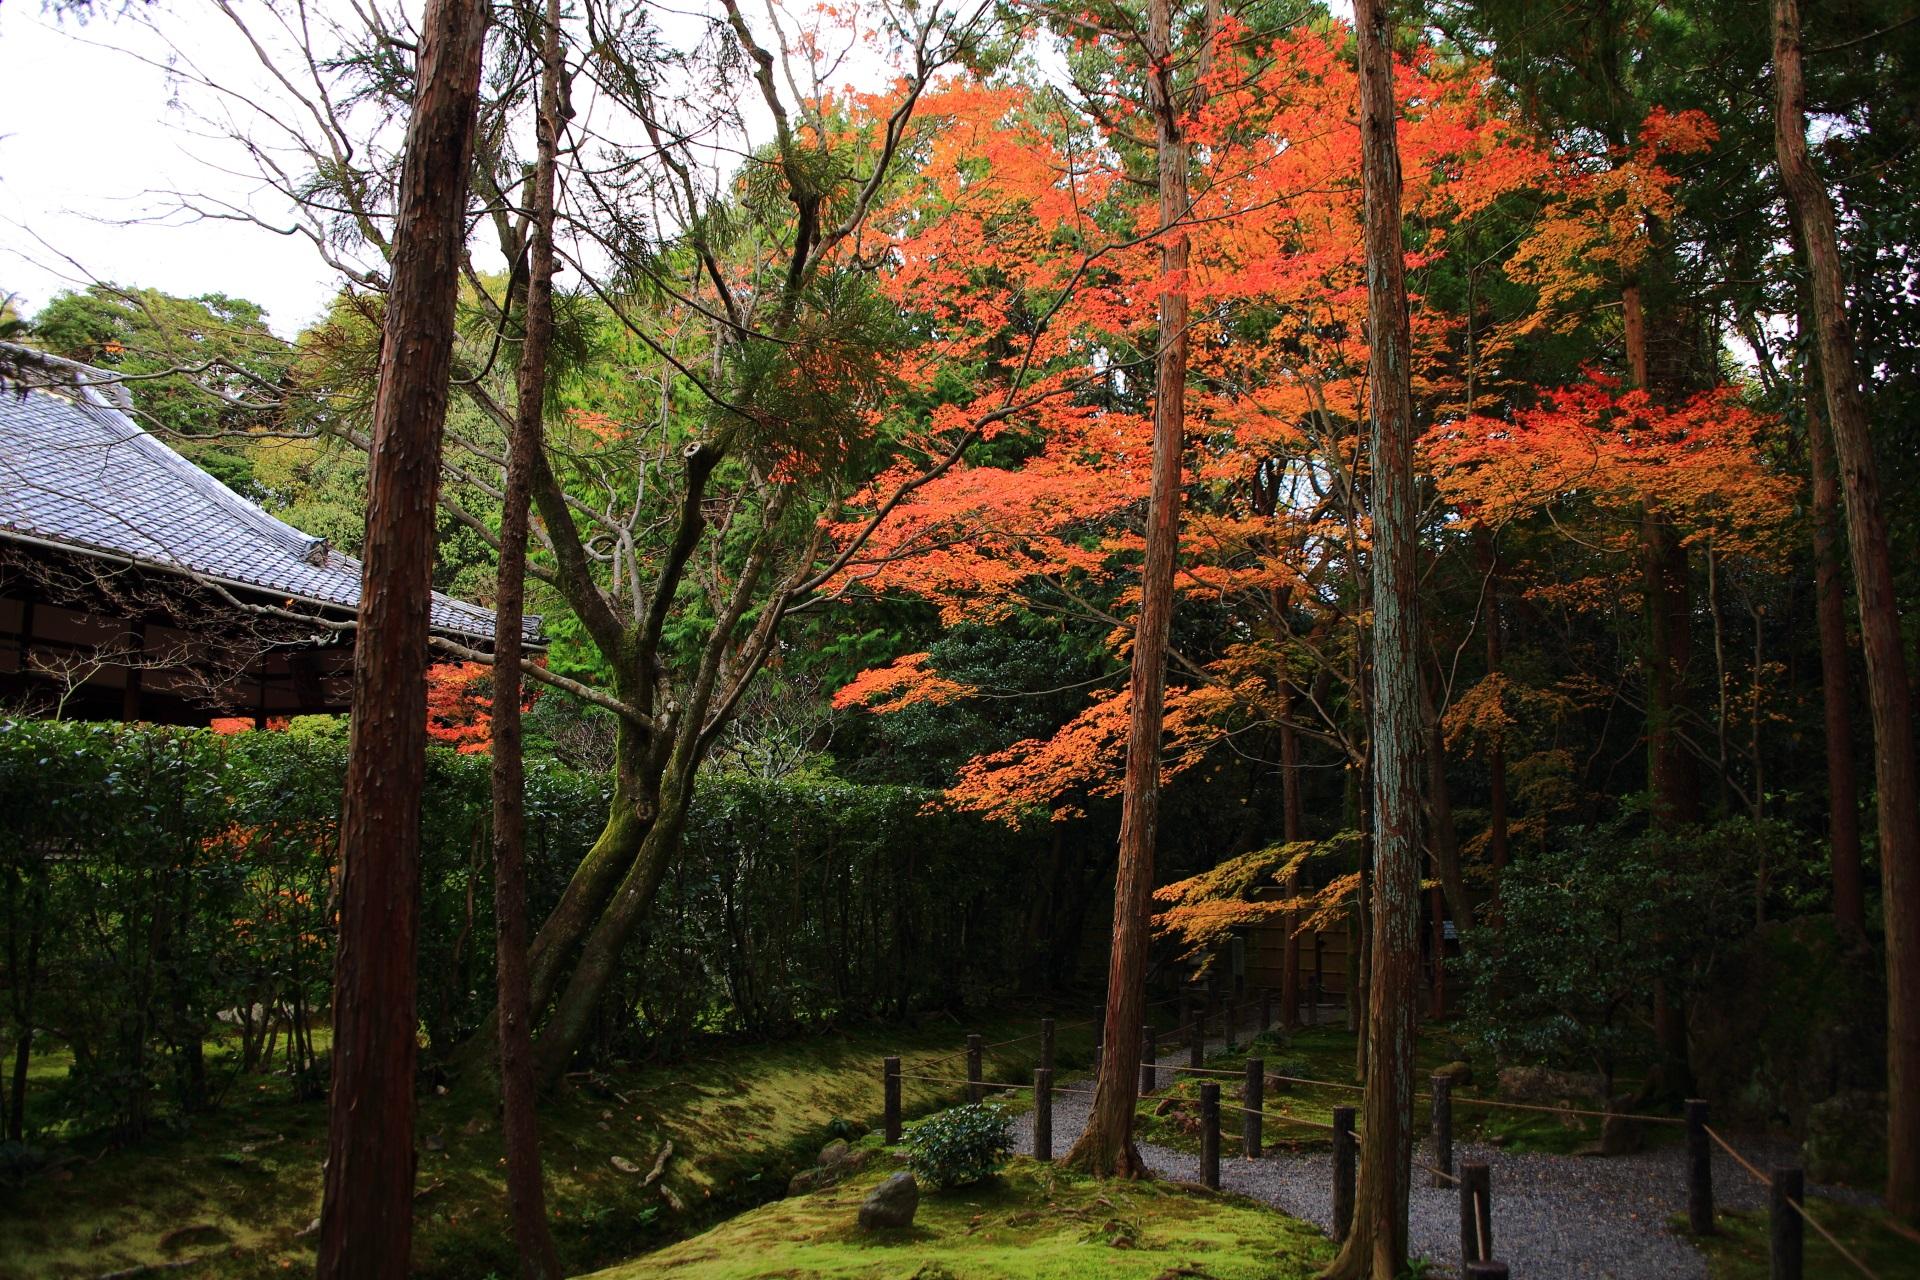 桂春院の「真如の庭」の南側の庭園の紅葉